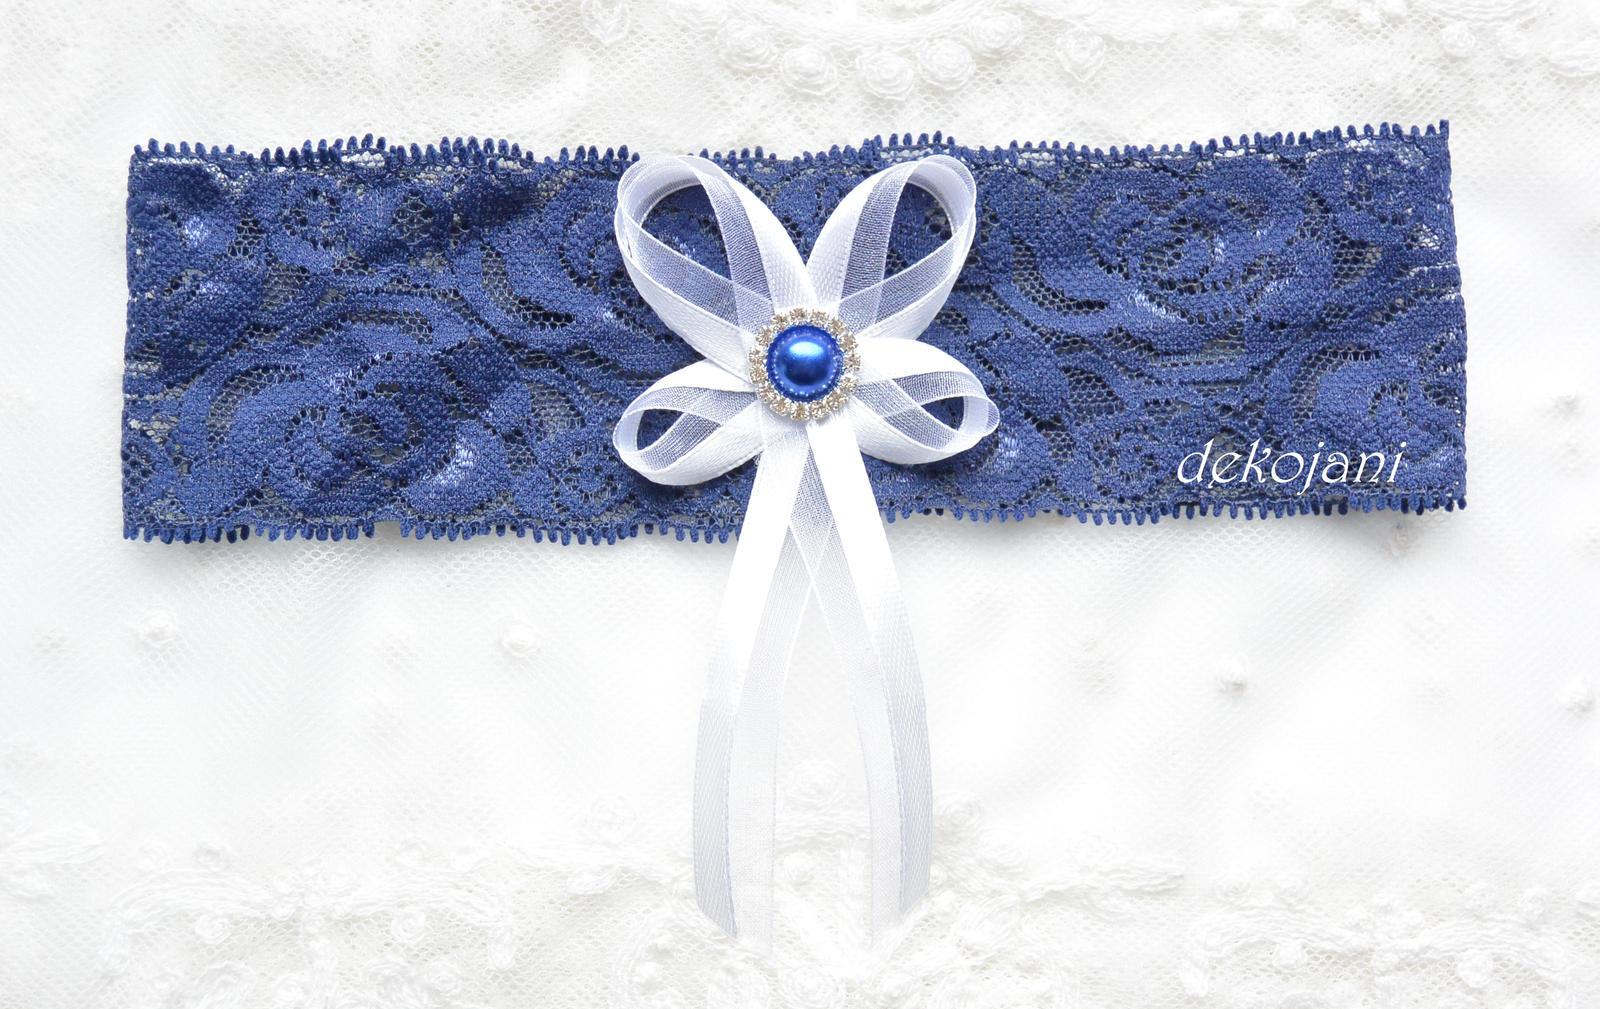 Modrý svatební podvazek - Obrázek č. 1